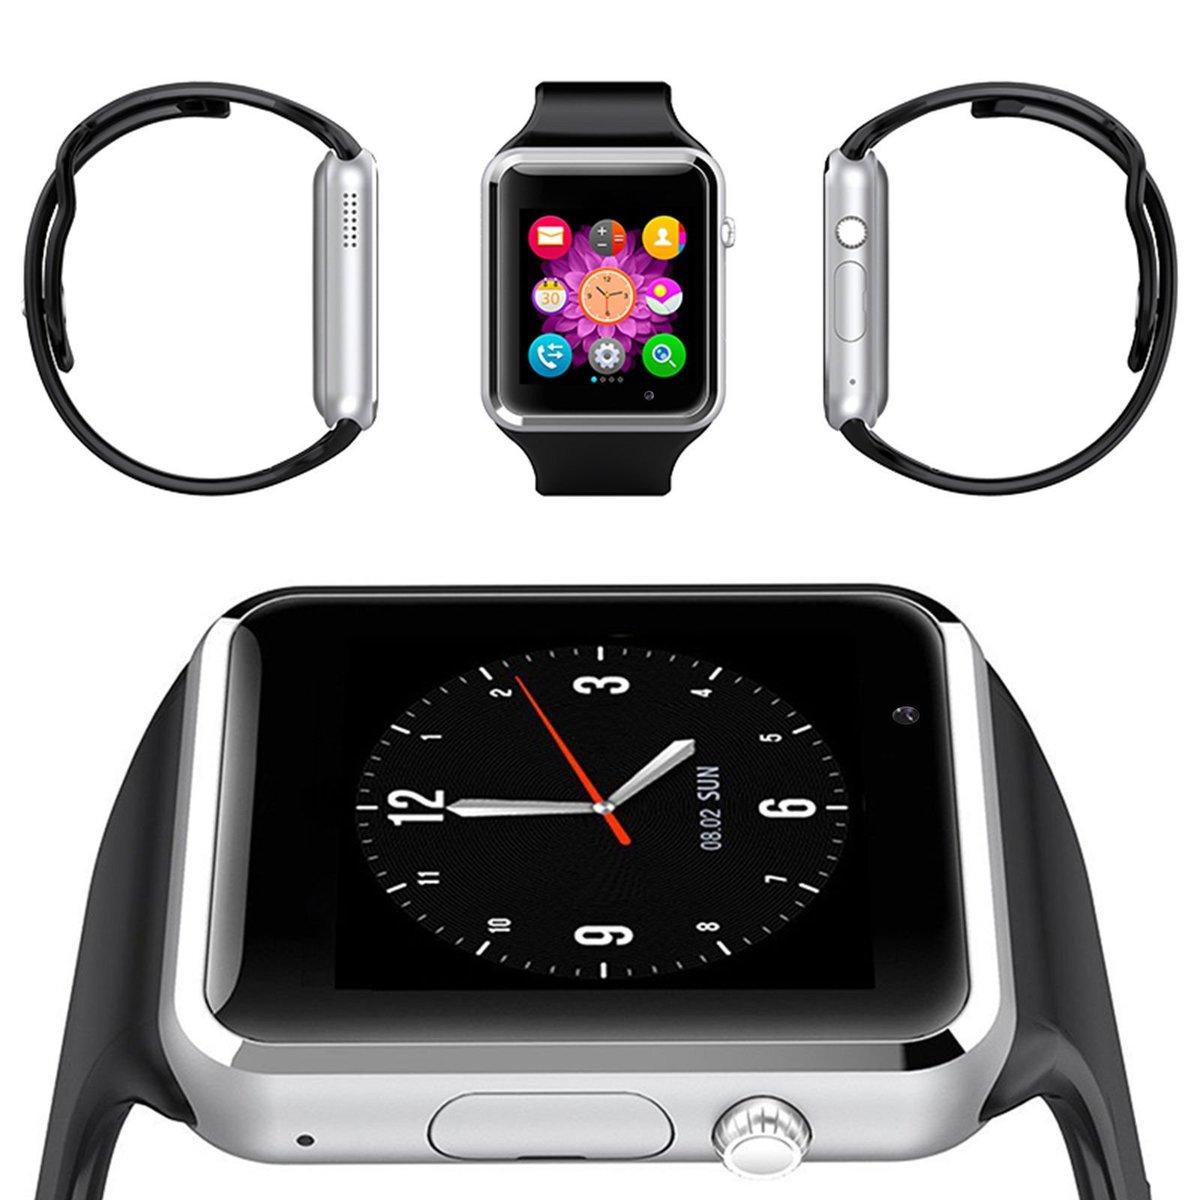 Эти часы могут похвастаться всем необходимым: приемник-передатчик сотовой связи gsm, а также модуль bluetooth, позволяющий связать часы со смартфоном, получив при этом всю полноту современных технологий.